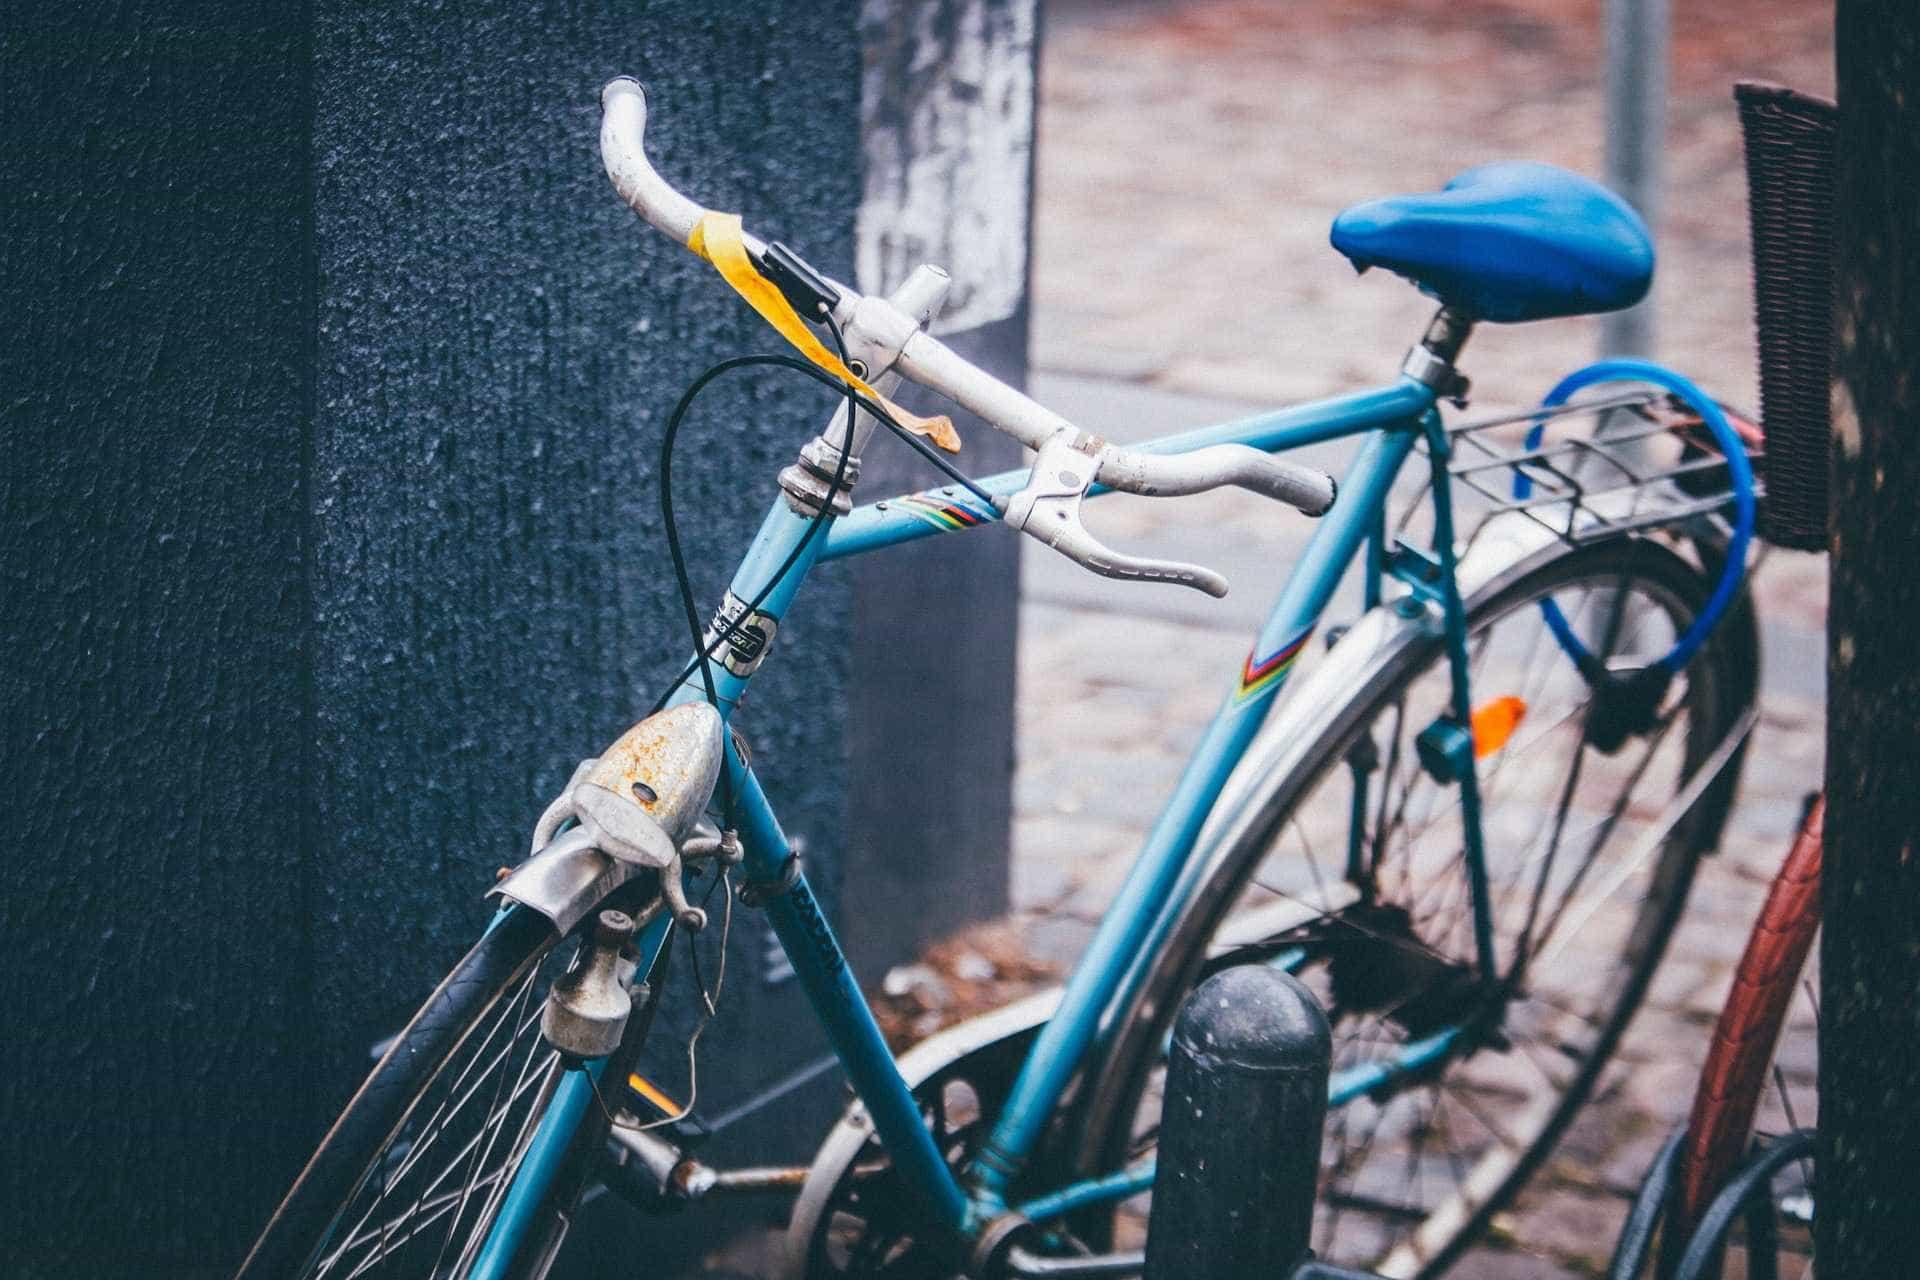 Homem mata mãe idosa com golpes de guidão de bicicleta